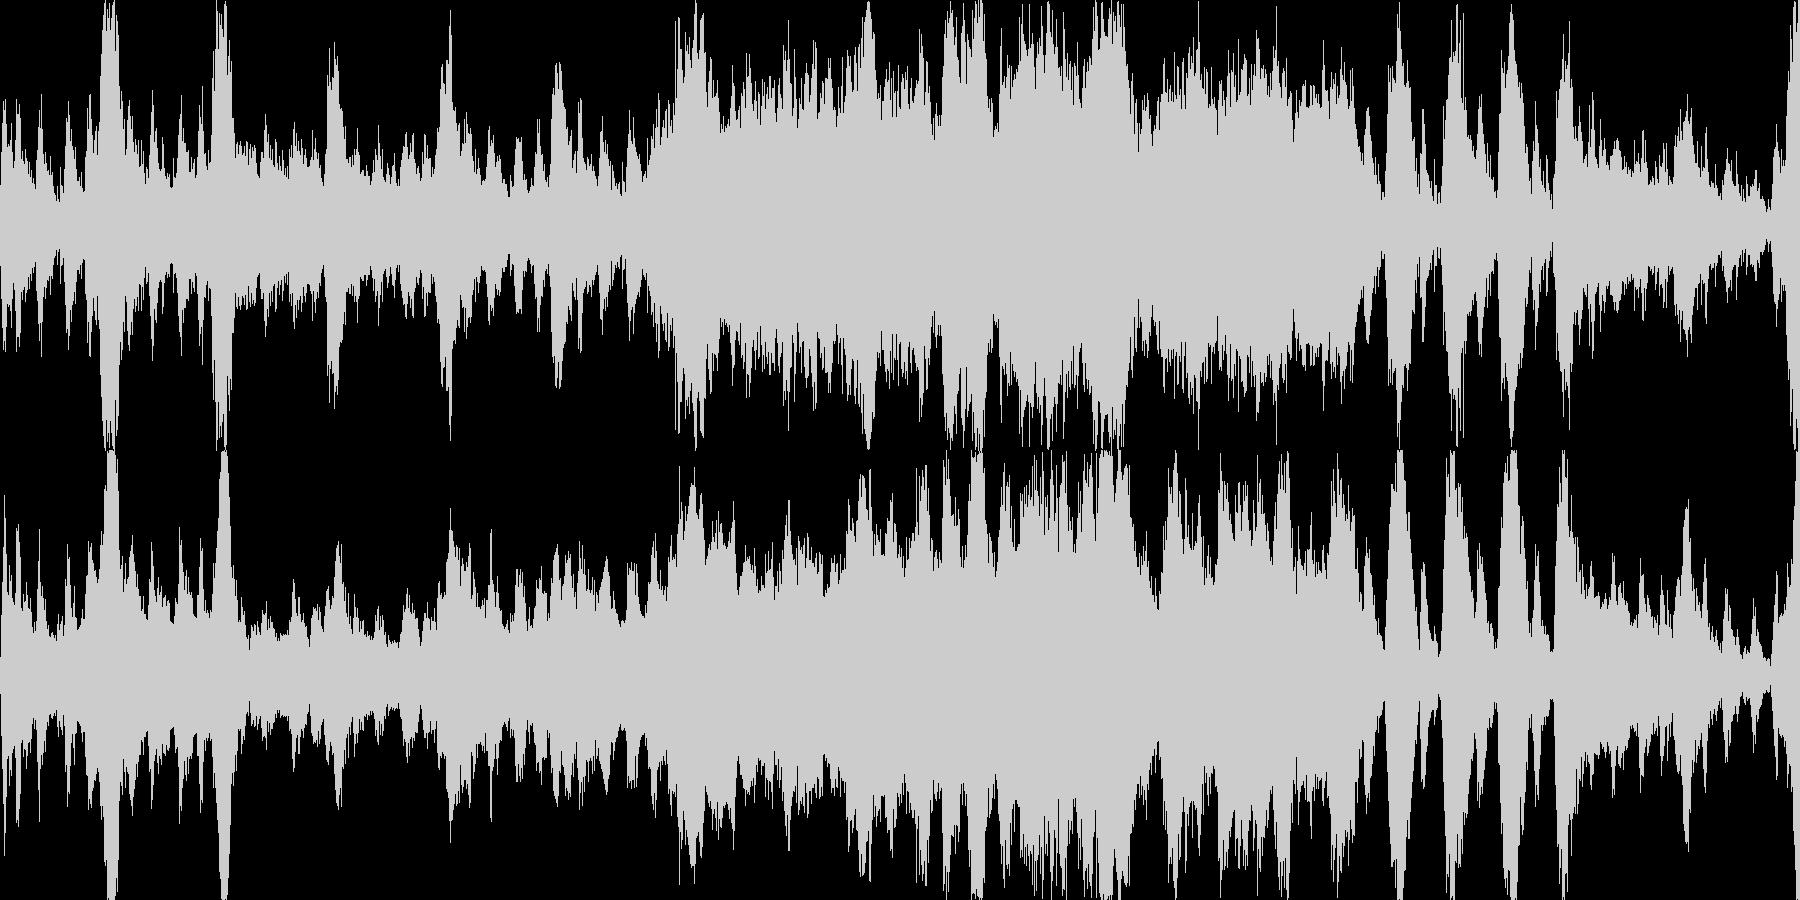 RPGメインタイトル風オーケストラの未再生の波形